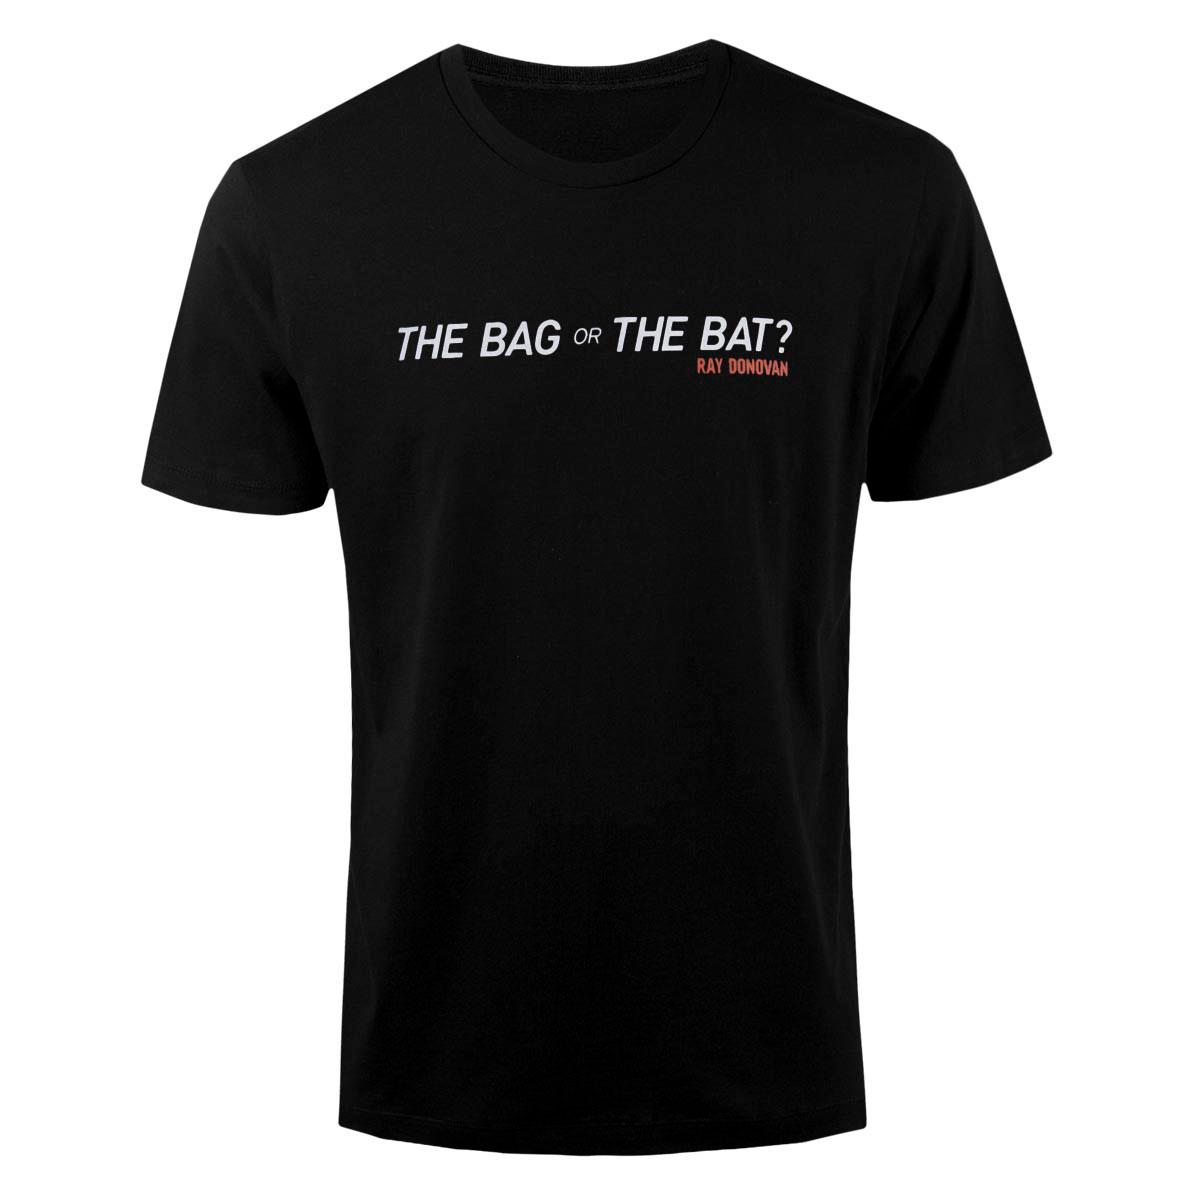 Ray Donovan Bag or Bat T-Shirt